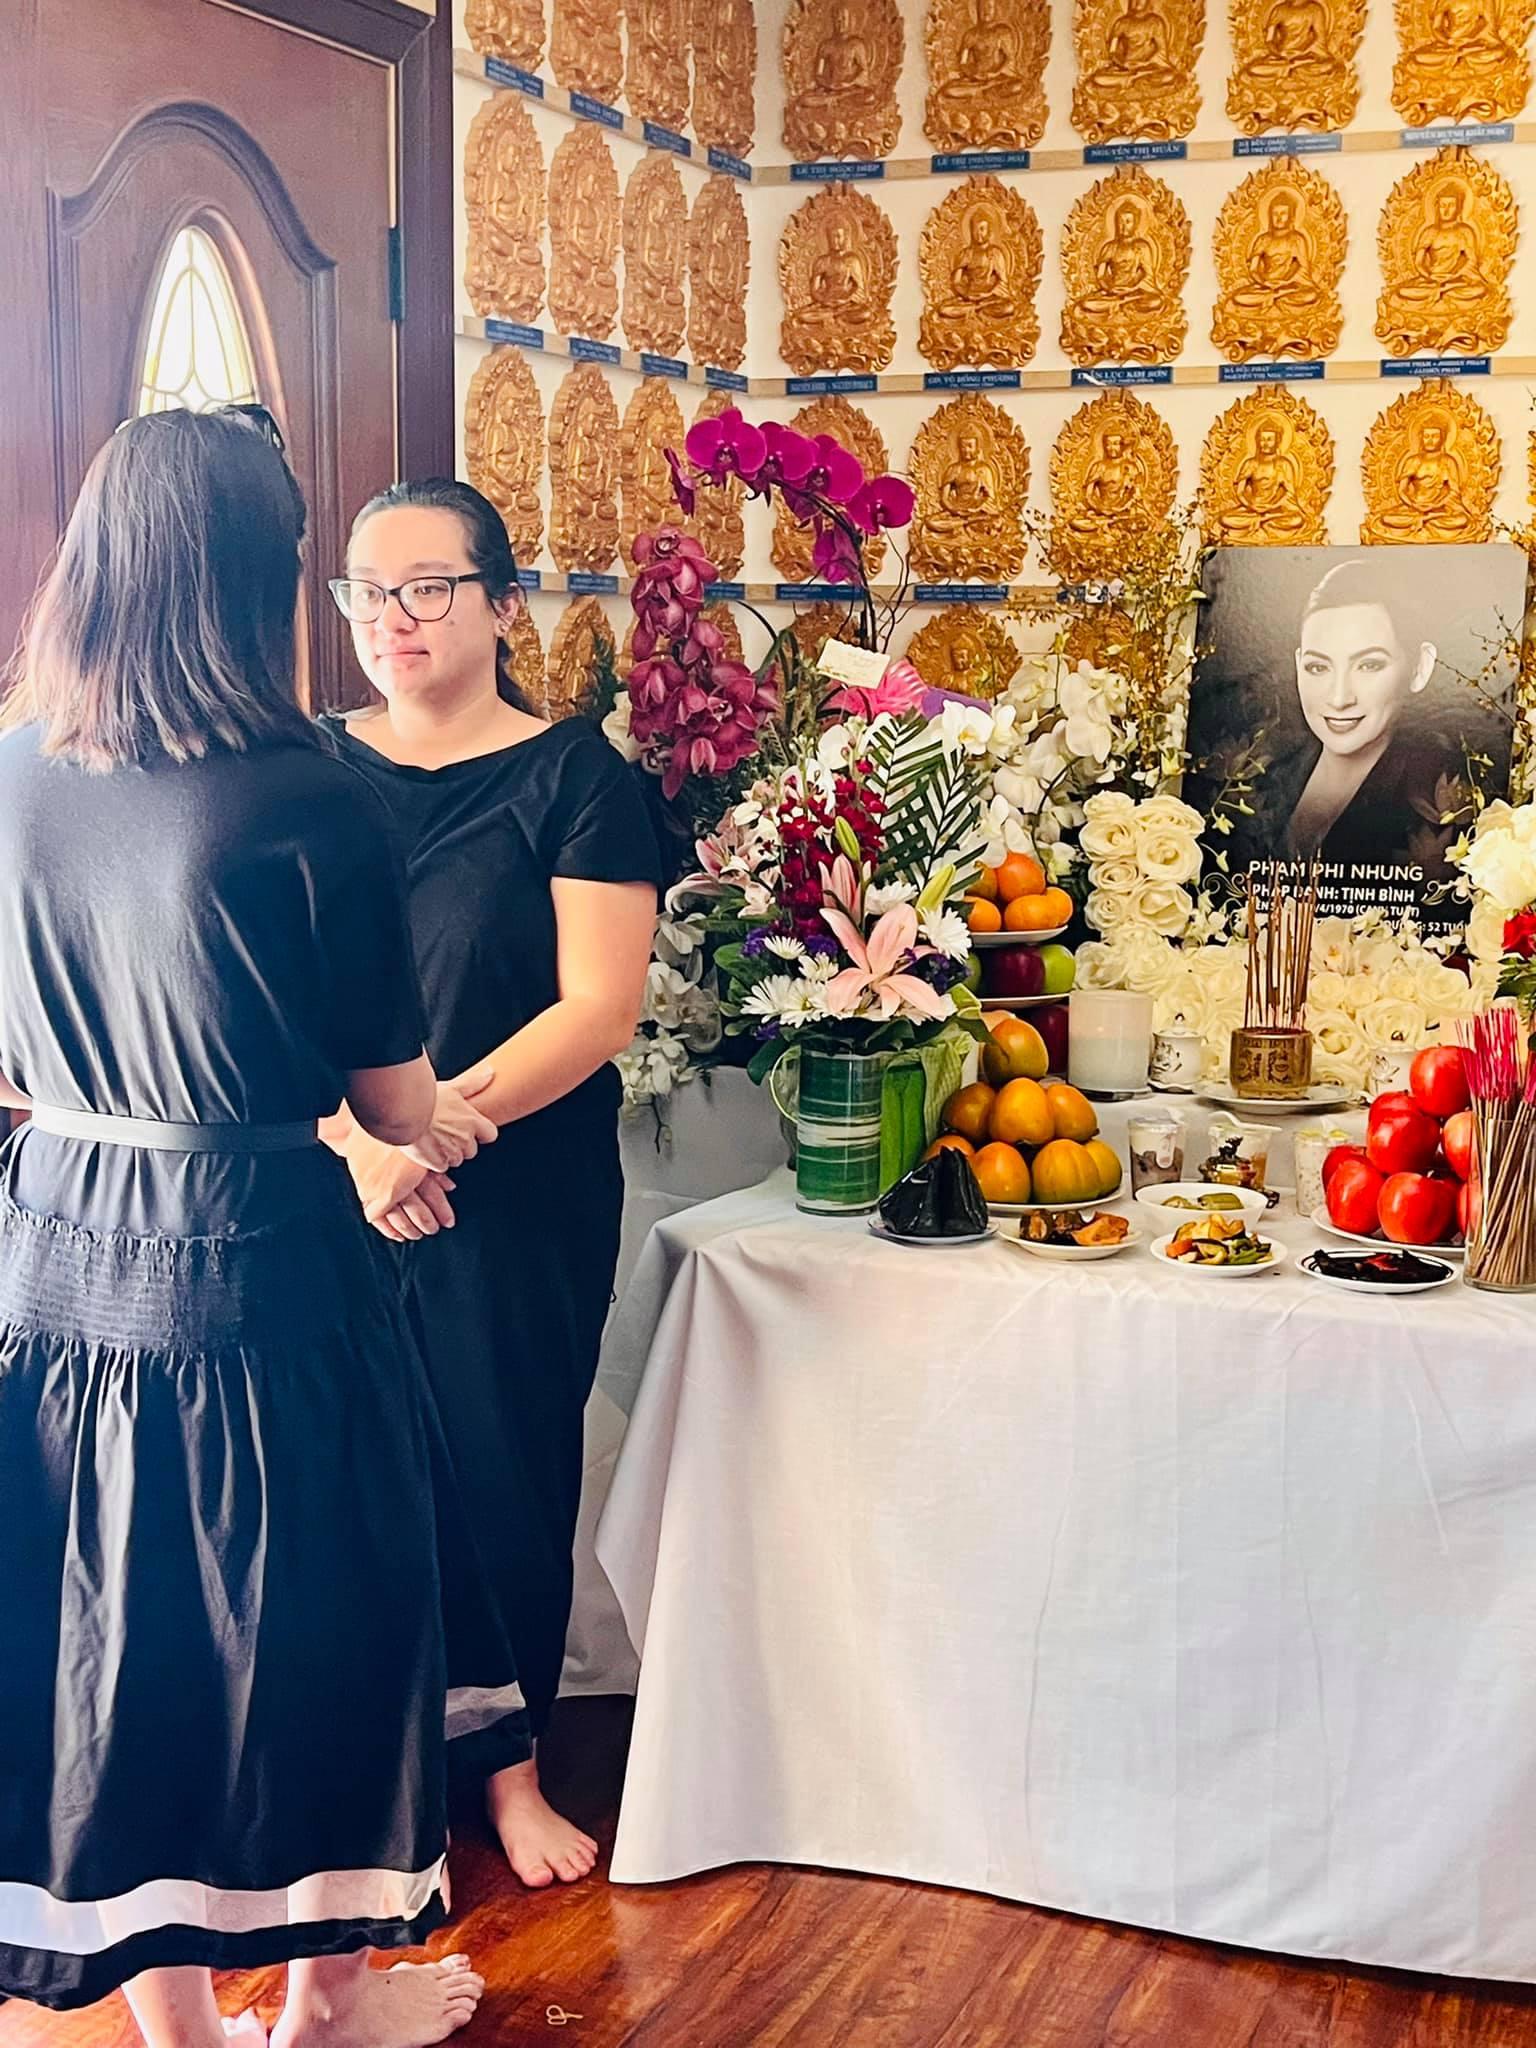 Con gái Phi Nhung lộ diện xanh xao, đôi mắt sưng húp trong tang lễ của mẹ tại Mỹ - Ảnh 2